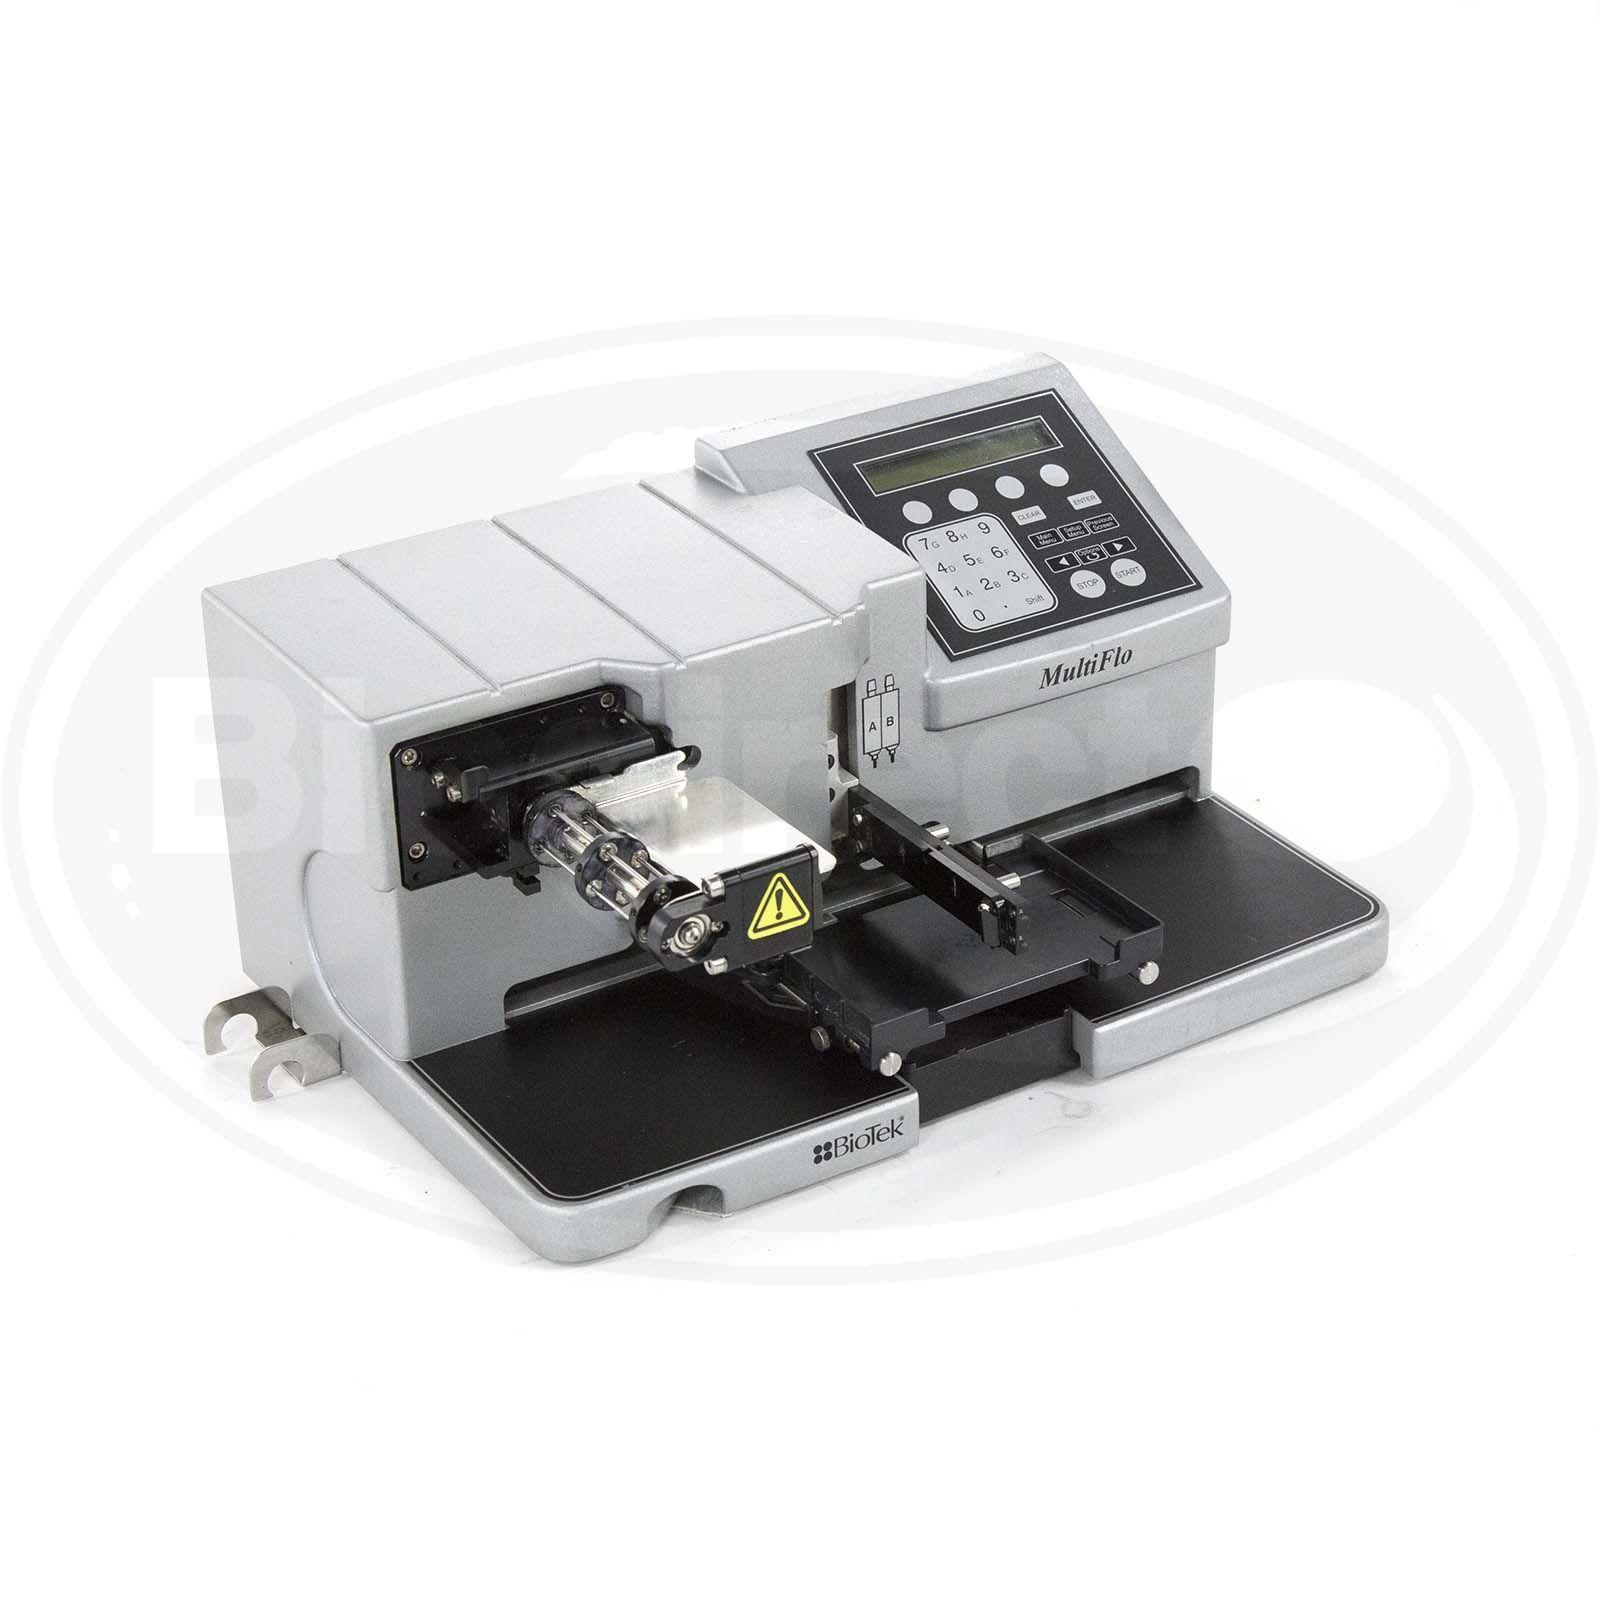 BioTek Instruments MultiFlo Dispenser